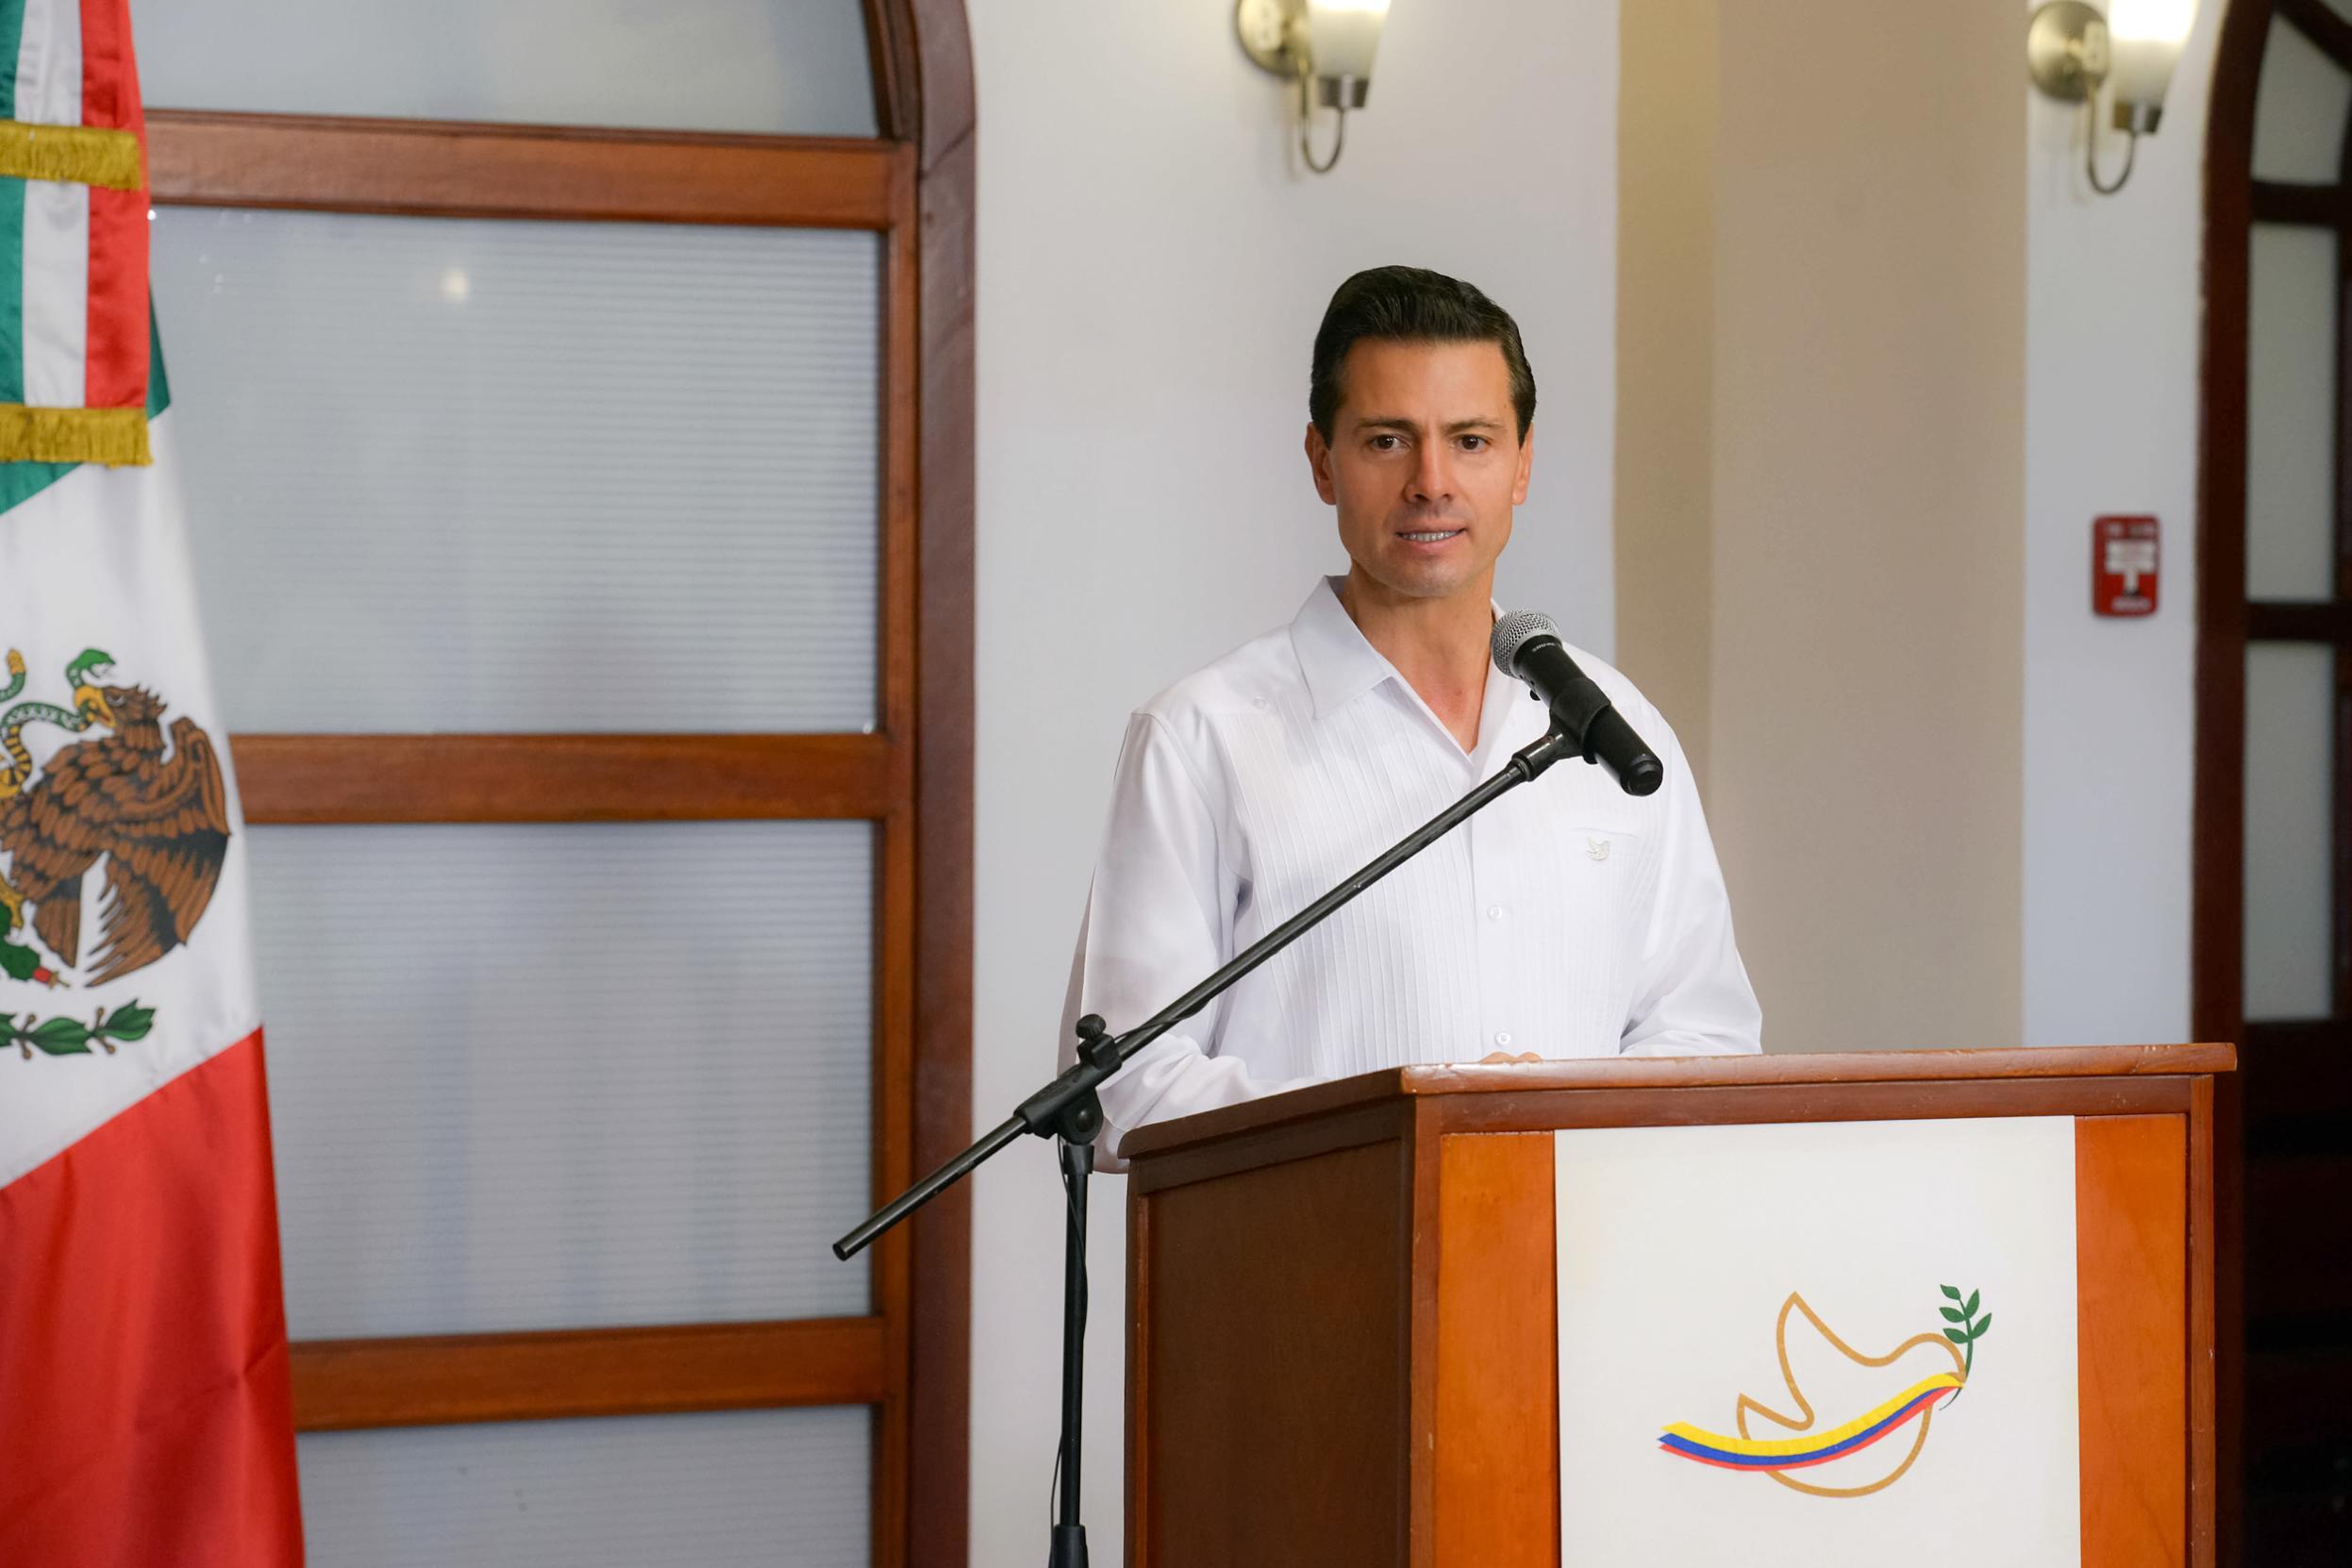 El Primer Mandatario ofreció un mensaje a los medios de comunicación, en el marco de su participación con motivo de la firma de los Acuerdos de Paz en Colombia.